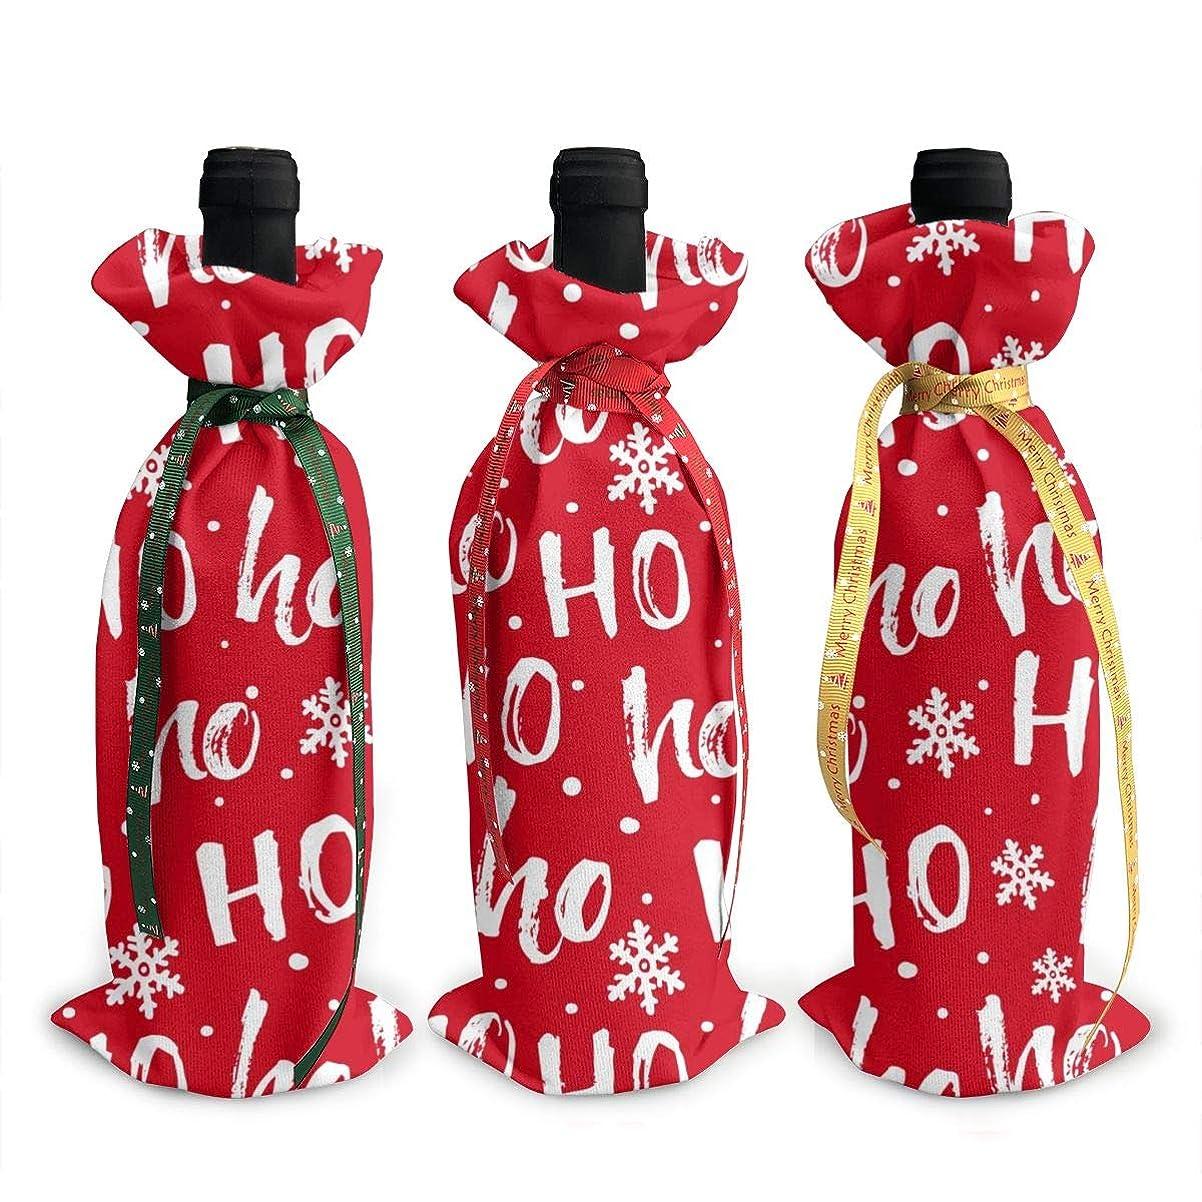 モザイクスラッシュベットメリークリスマス クリスマスワインボトルカバー 3個ーテーマのボトル装飾 ワインボトル用のかわいいドレス 3種類のデザイン